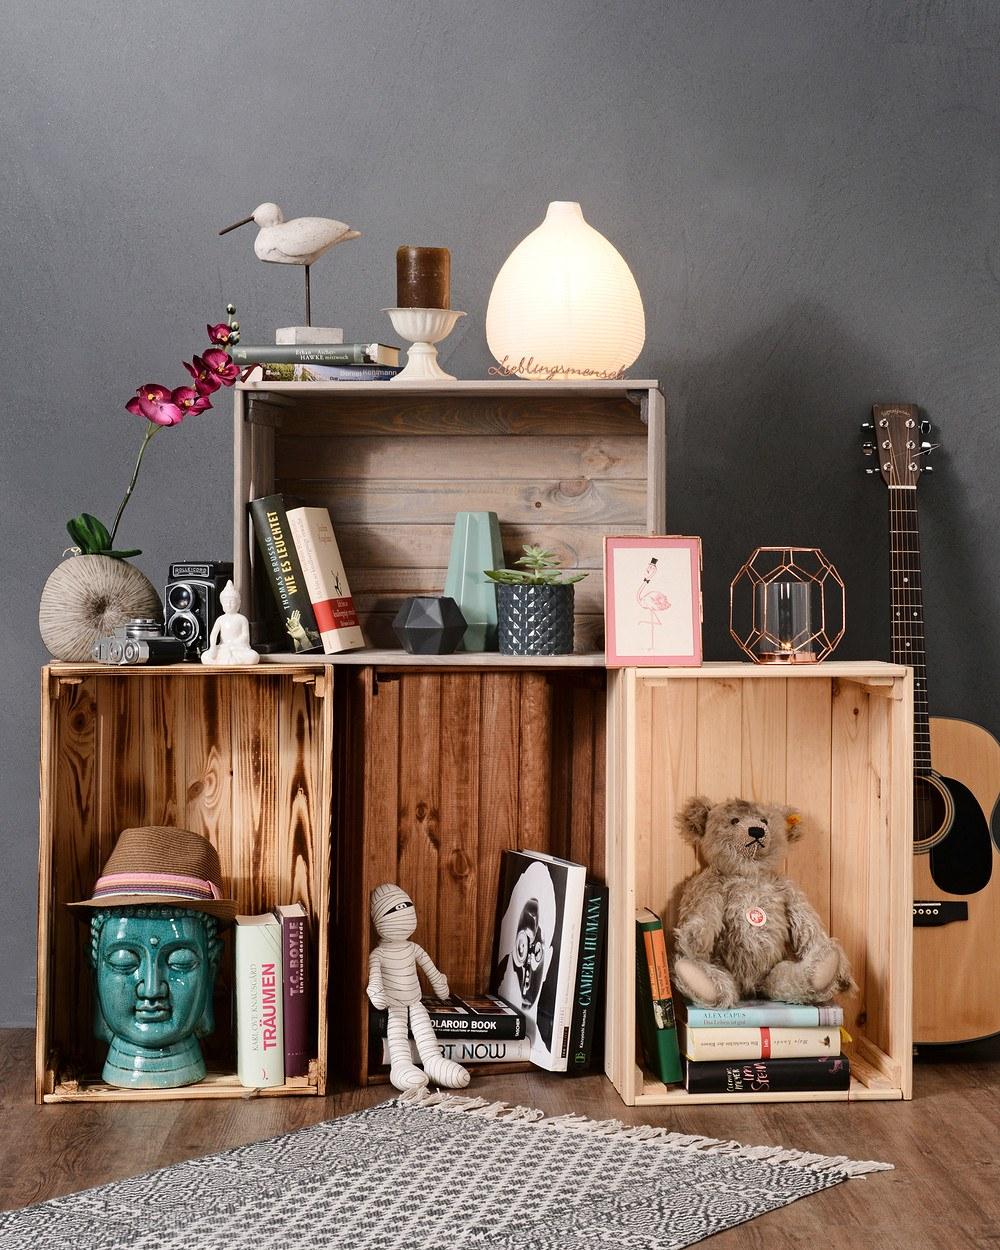 myhomery deko kiste massiv g nstig online kaufen mein sch ner garten shop. Black Bedroom Furniture Sets. Home Design Ideas